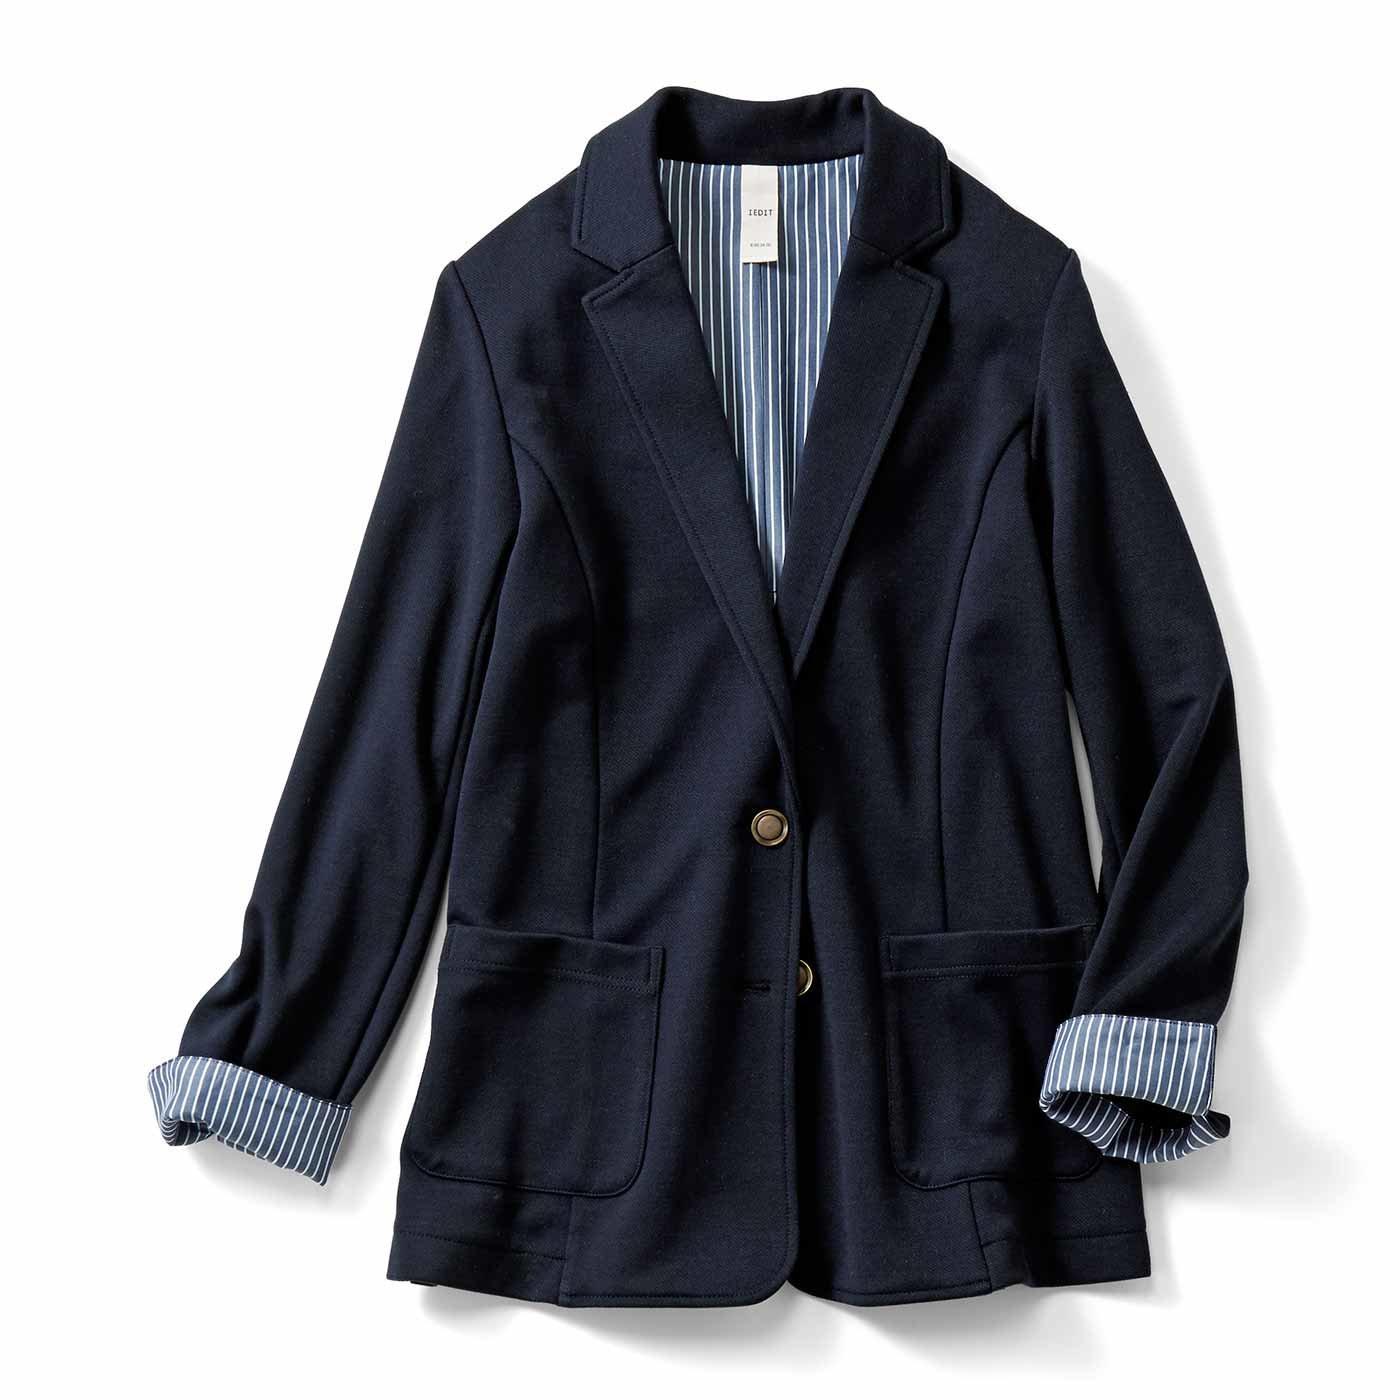 IEDIT[イディット] ちょい長め丈のカットソー紺ブレジャケット